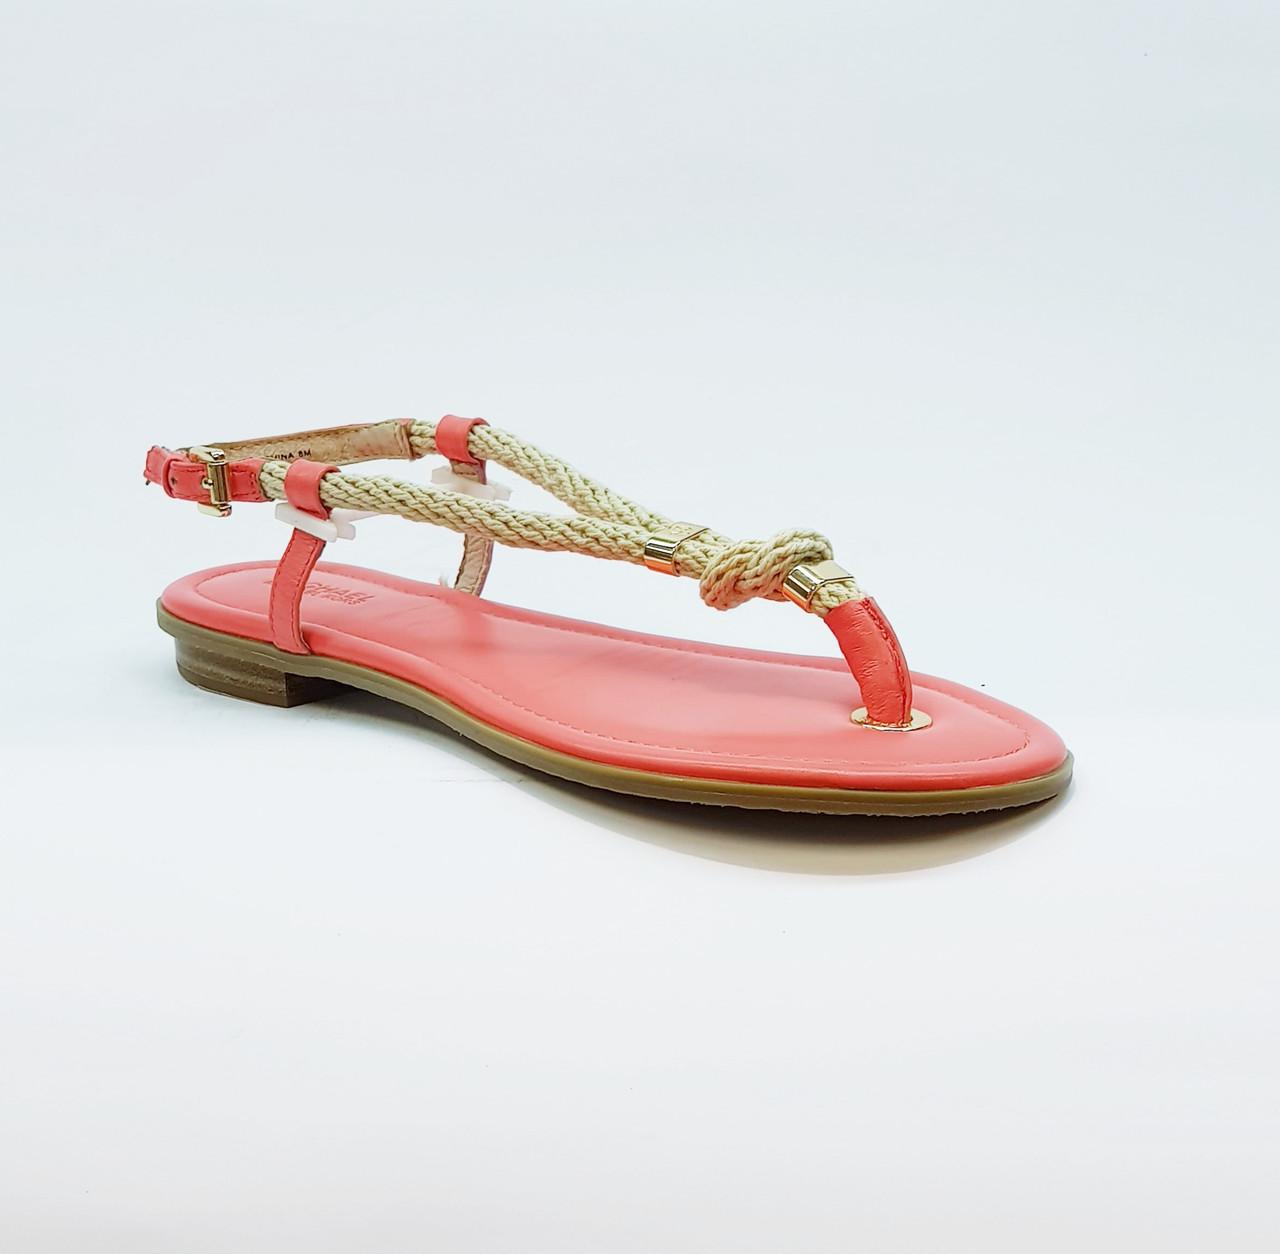 Сандали женские текстильные через палец на плоской подошве розовые